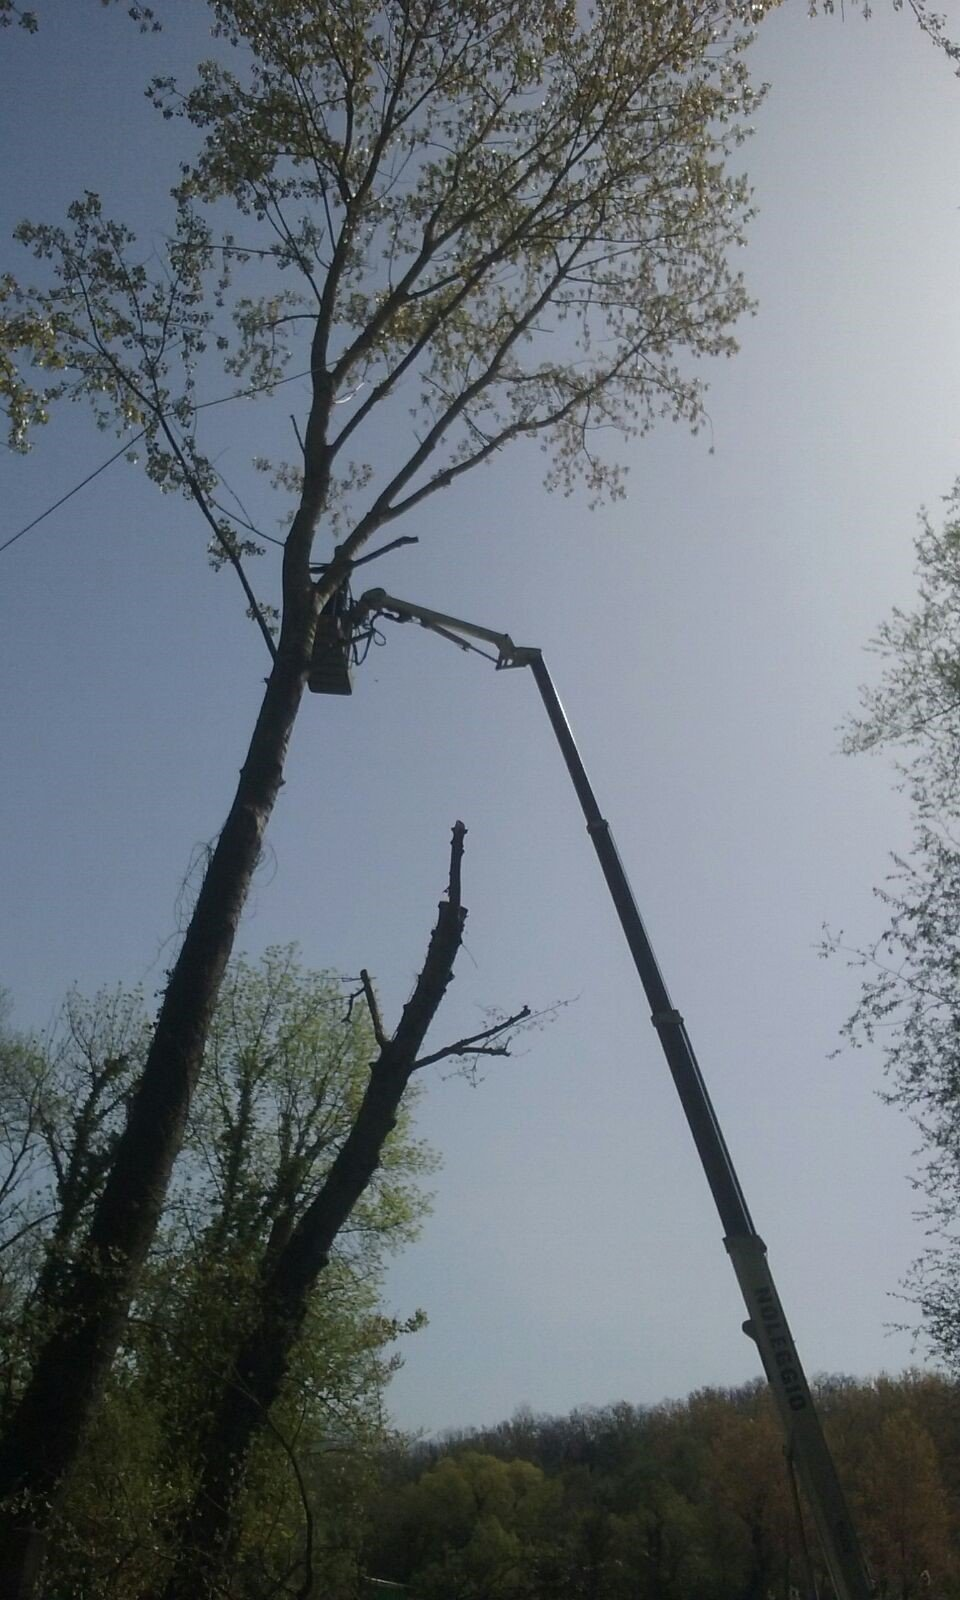 potature alberi alto fusto, piattaforme per potature alto fusto, rieti